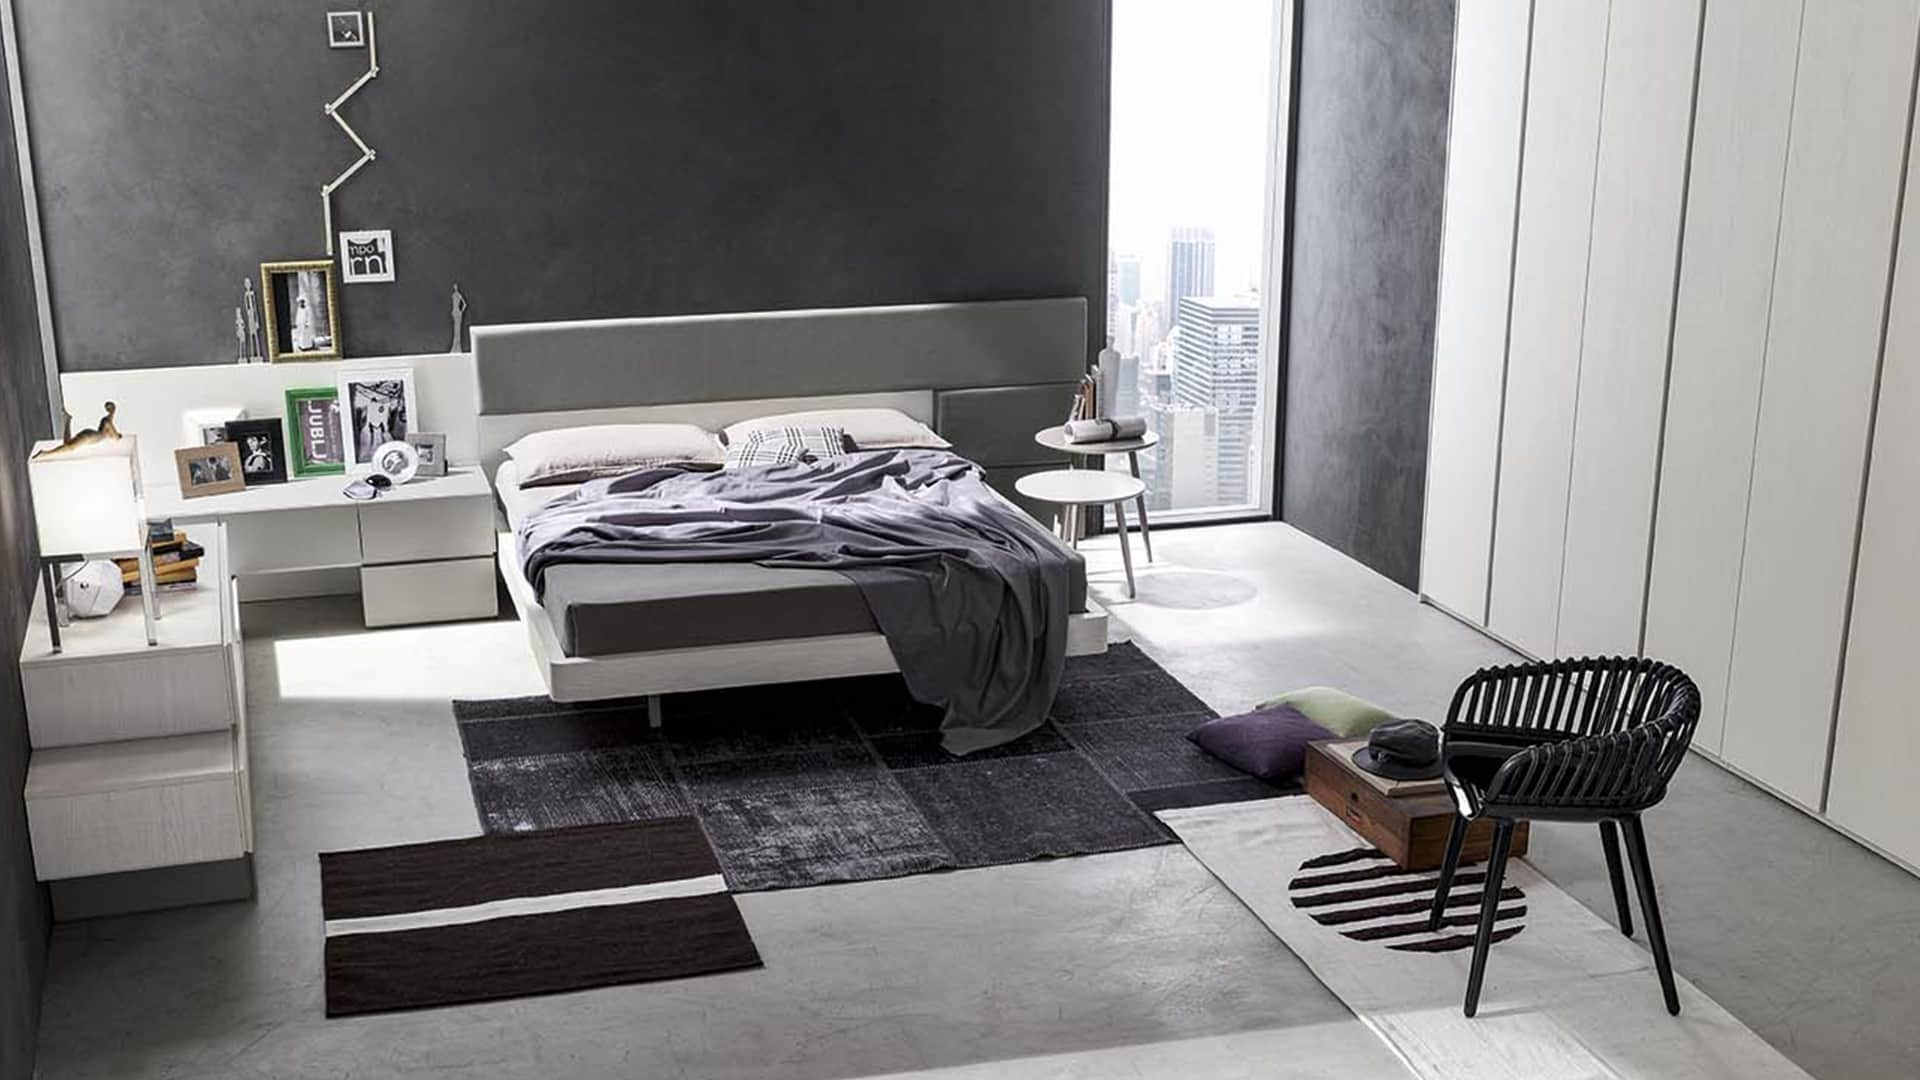 Arredamento per camere da letto a padova for Offerte camere da letto complete